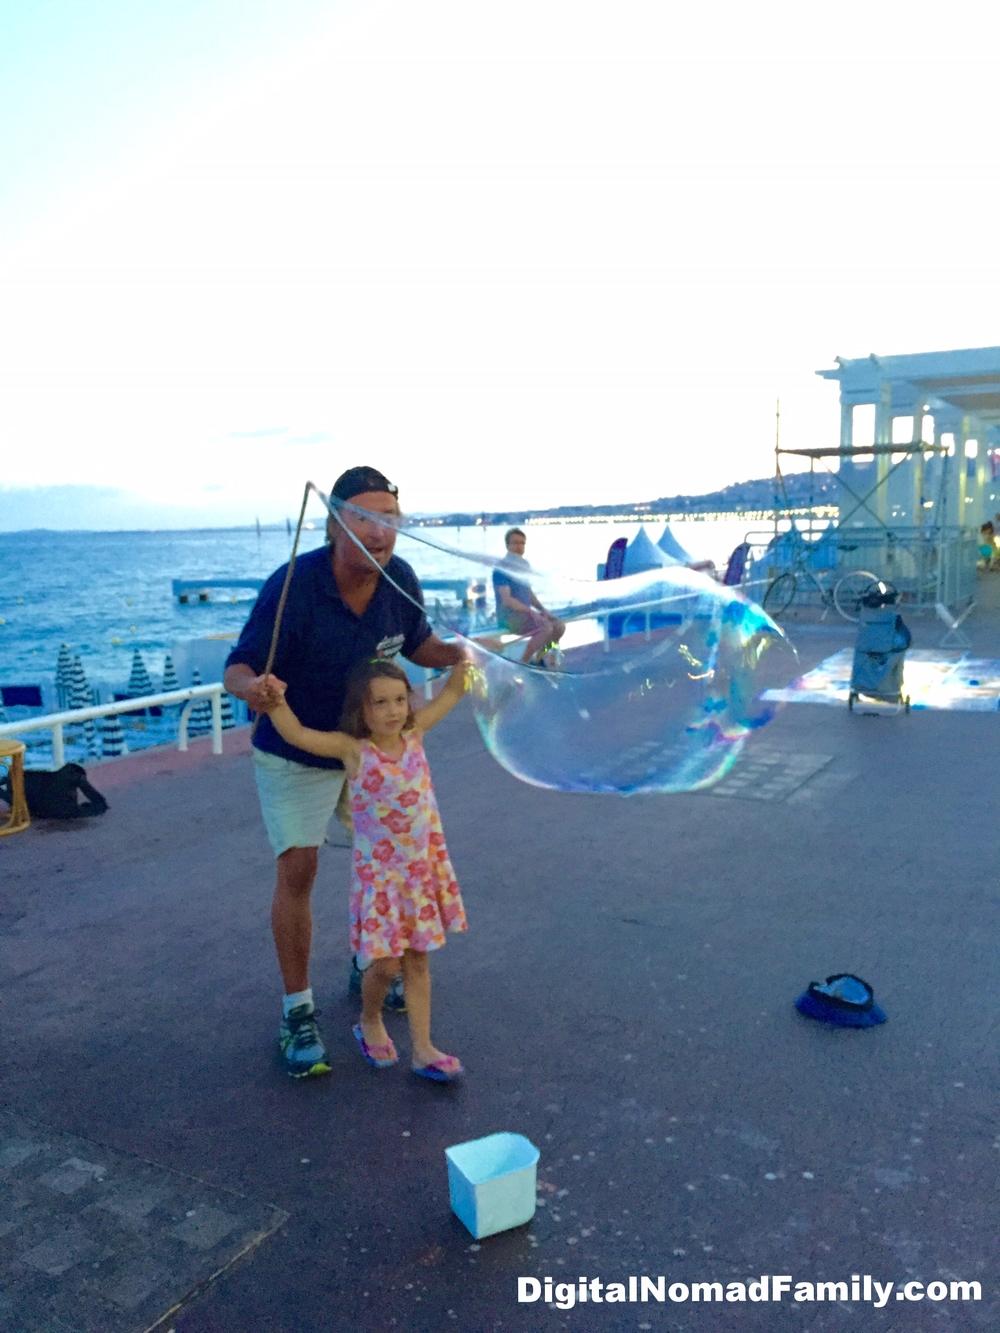 Juliet blowing bubbles on the Promenade des Anglais